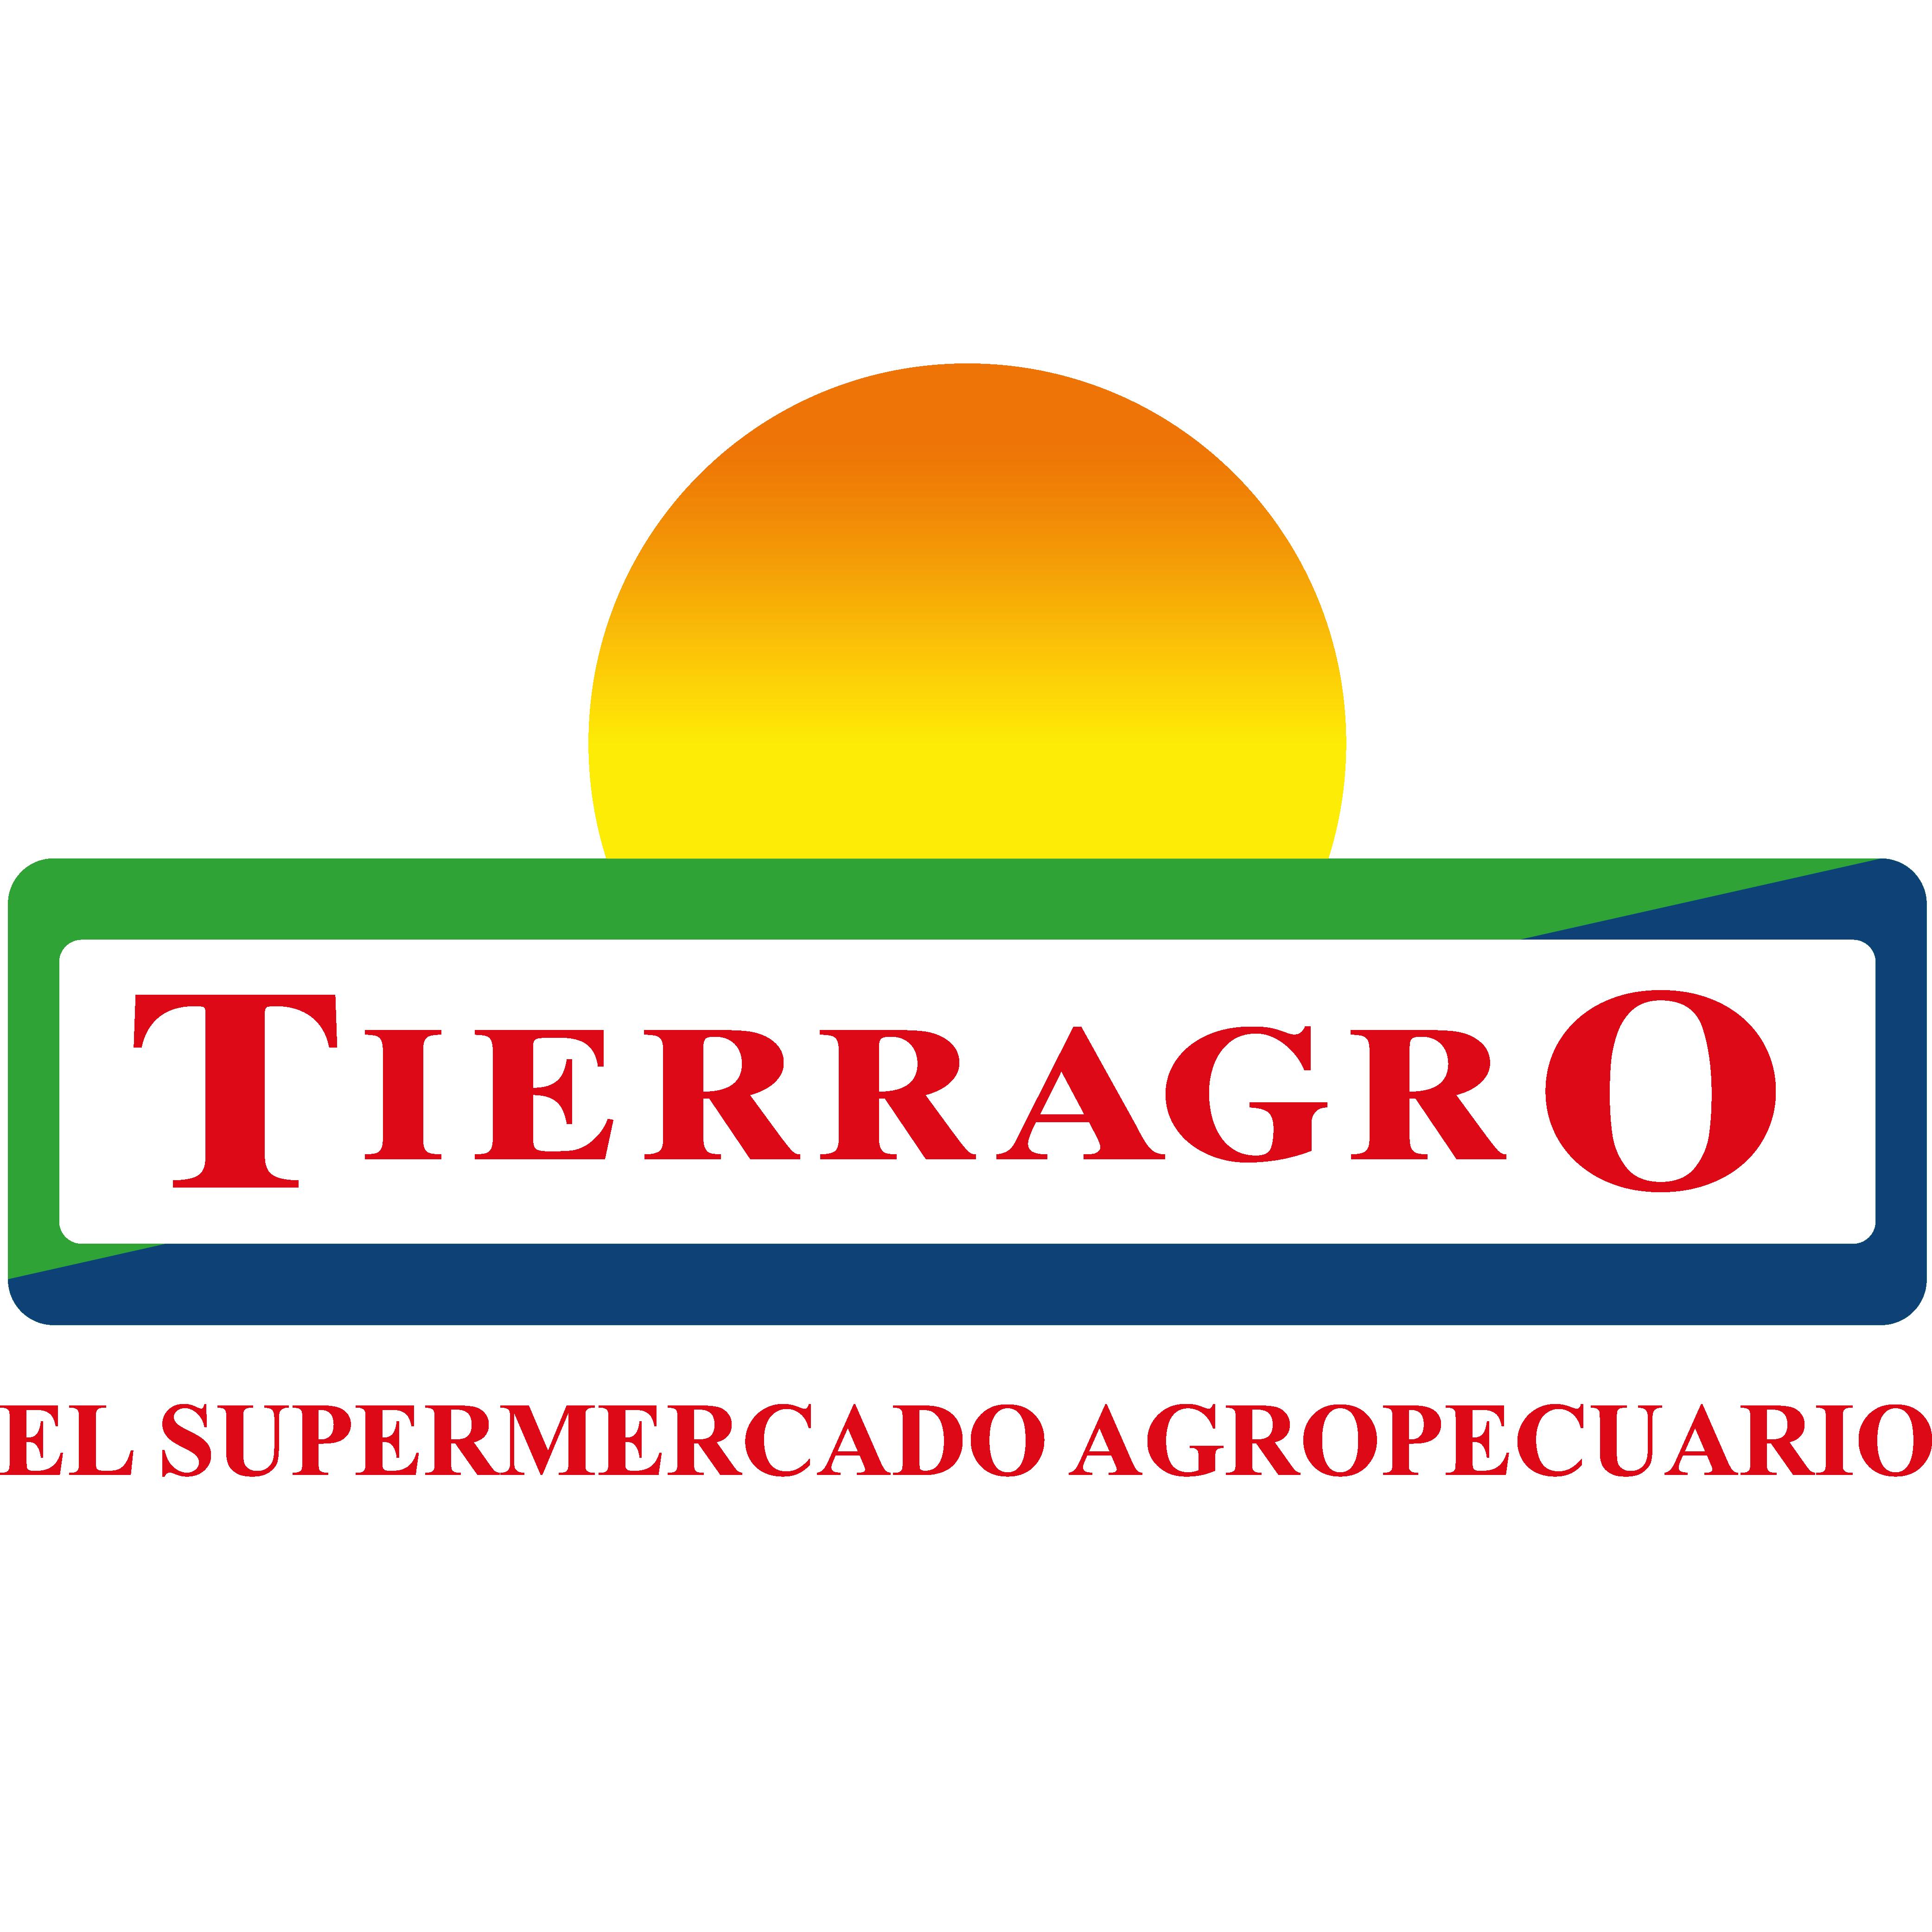 croper-store-Supermercado-Agropecuario-Tierragro